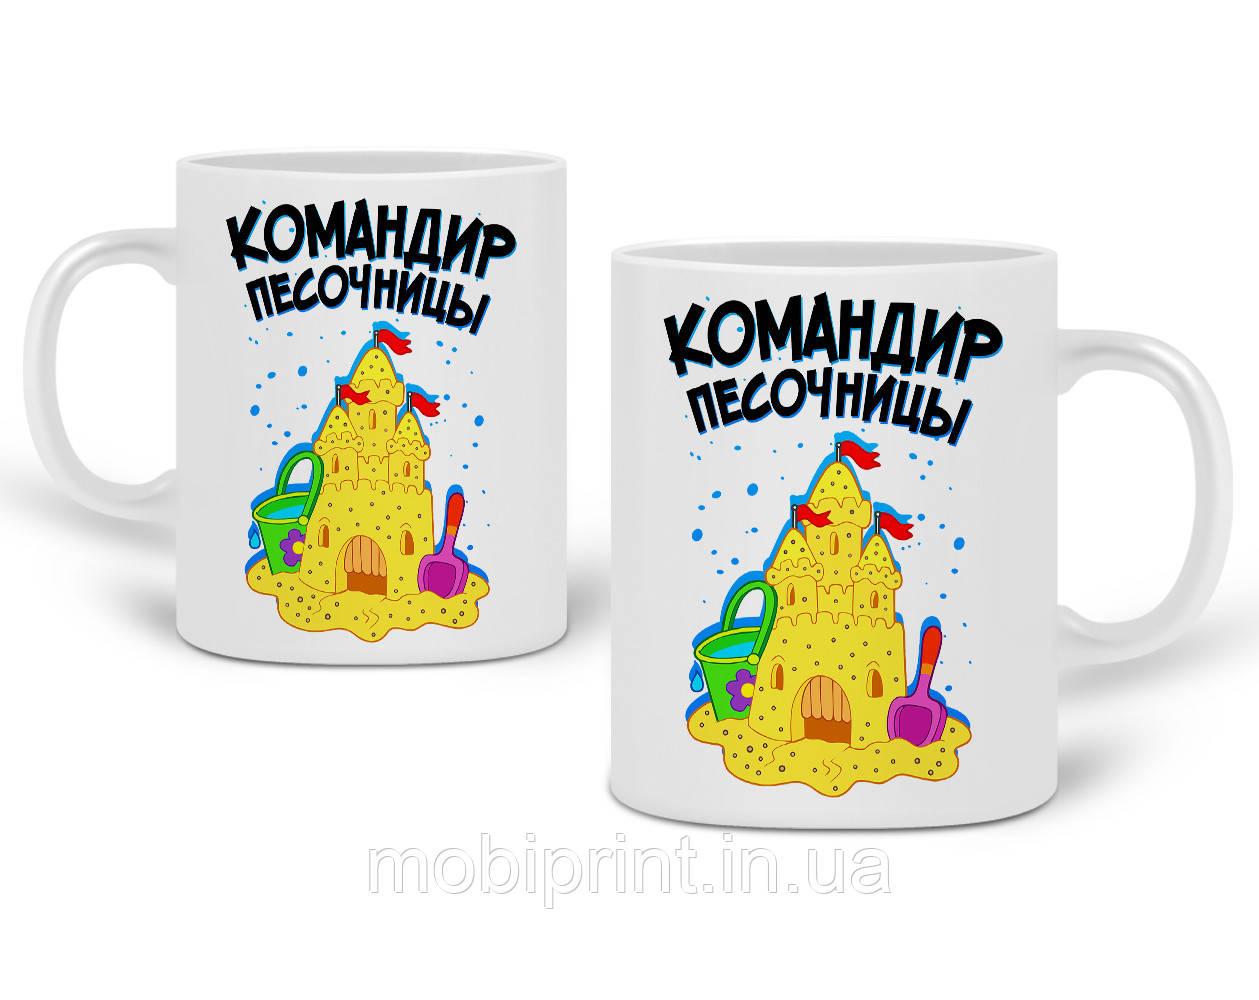 Кружка Командир песочницы 330 мл Чашка Керамическая (20259-1257)